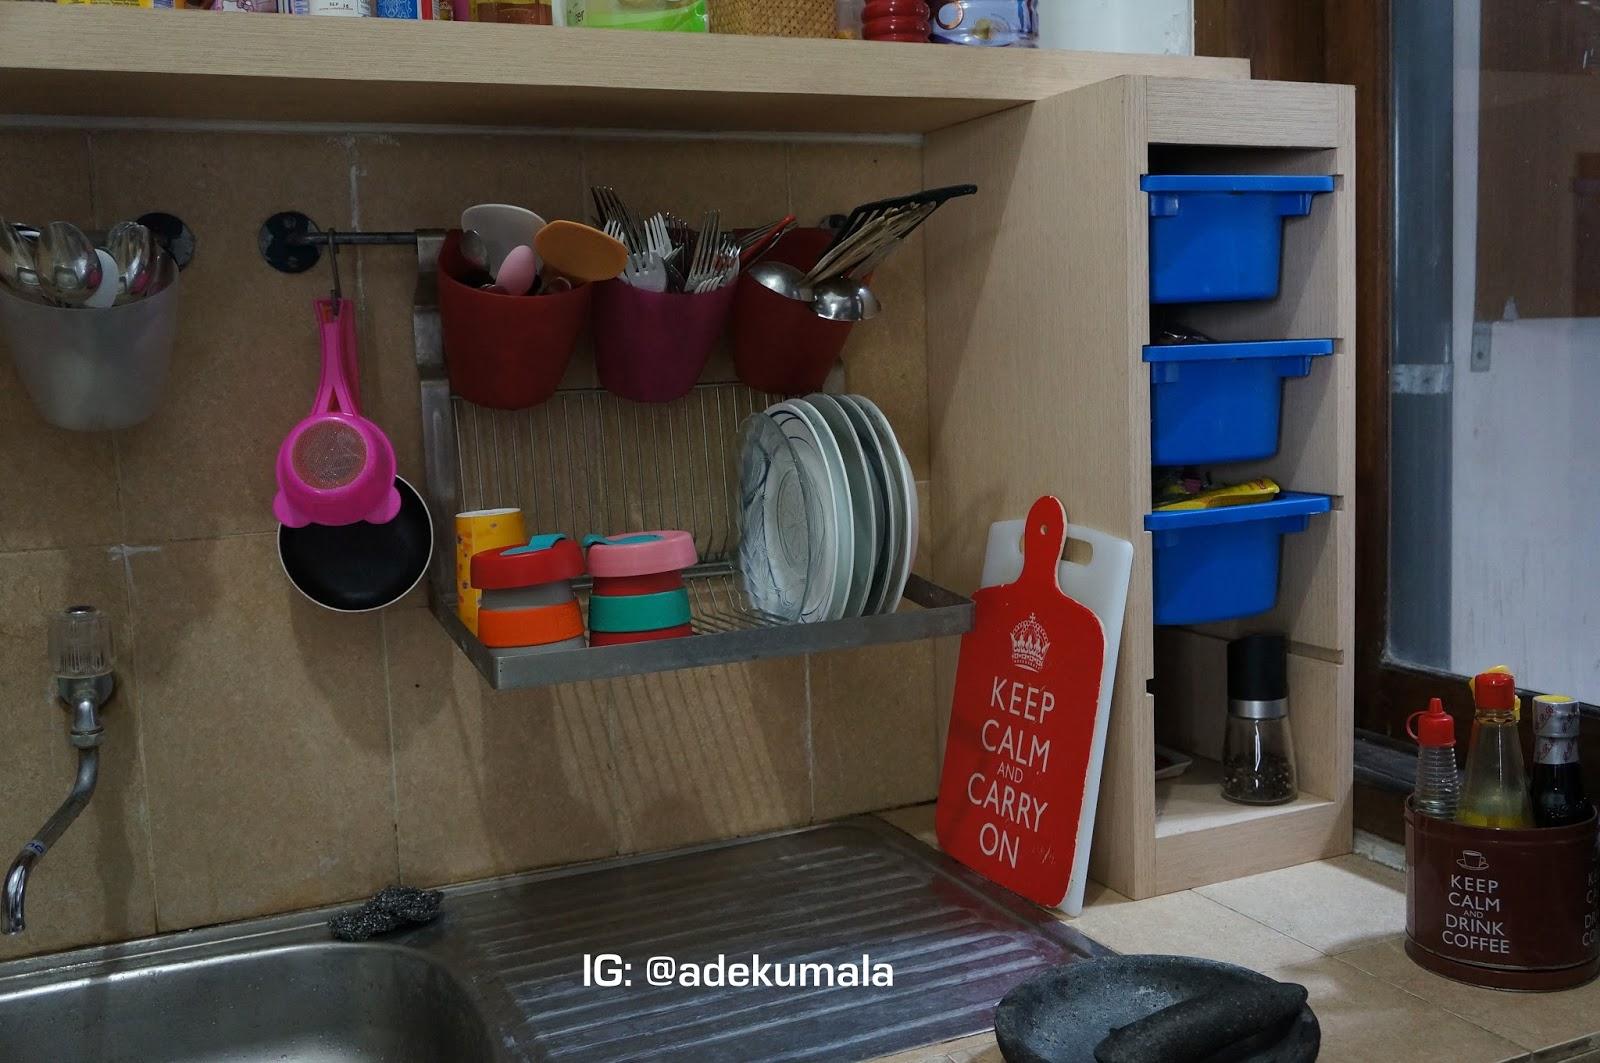 Untuk Rak Bu Susun Saya Beli Wadah Plastik Biru Itu Di Ikea Tara Raknya Minta Dibuatkan Tukang Beberapa Peralatan Dapur Sini Memang Punya